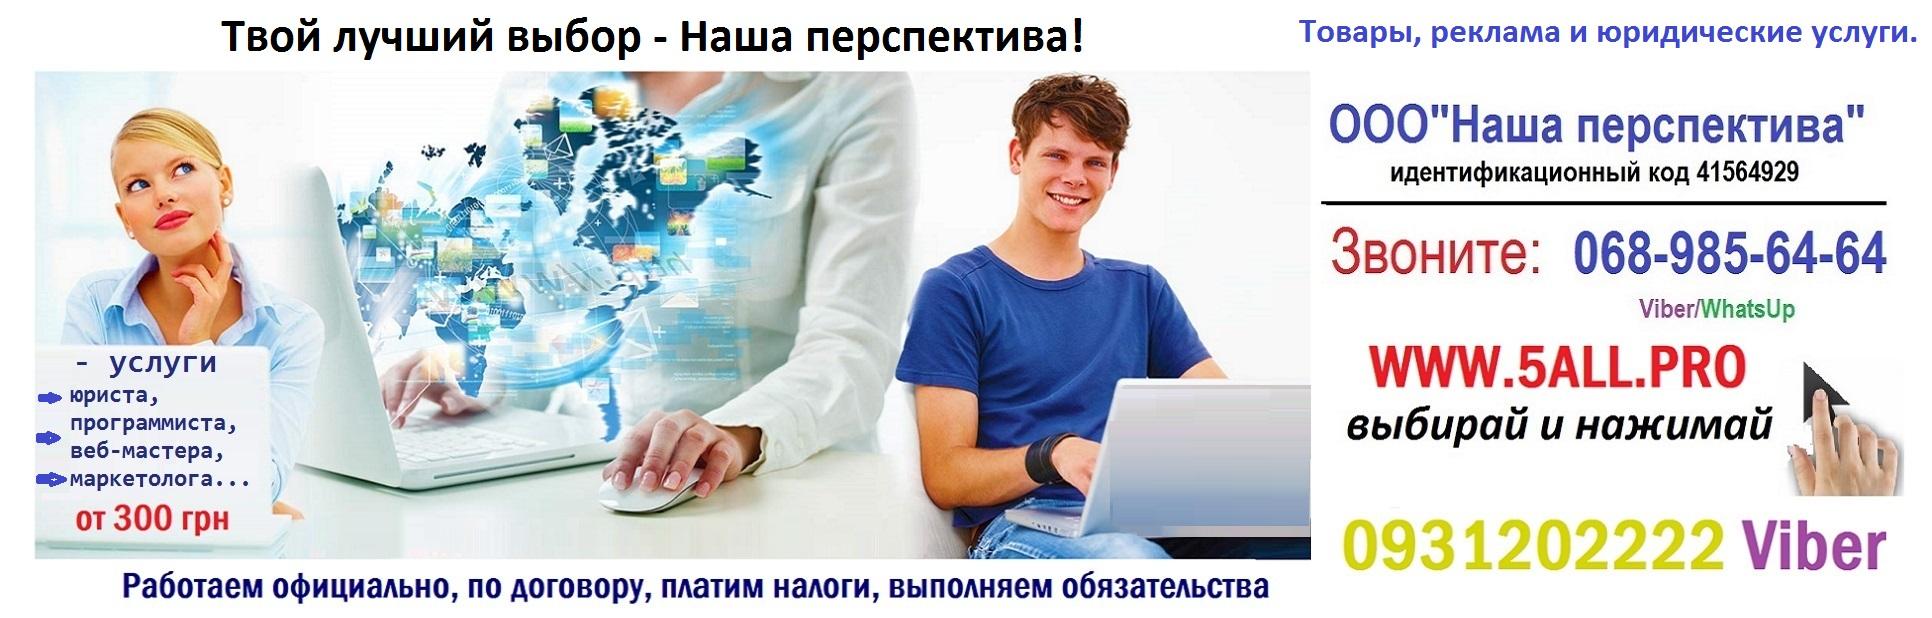 Создание сайтов Кривой Рог, заказать сайт разработка сайтов